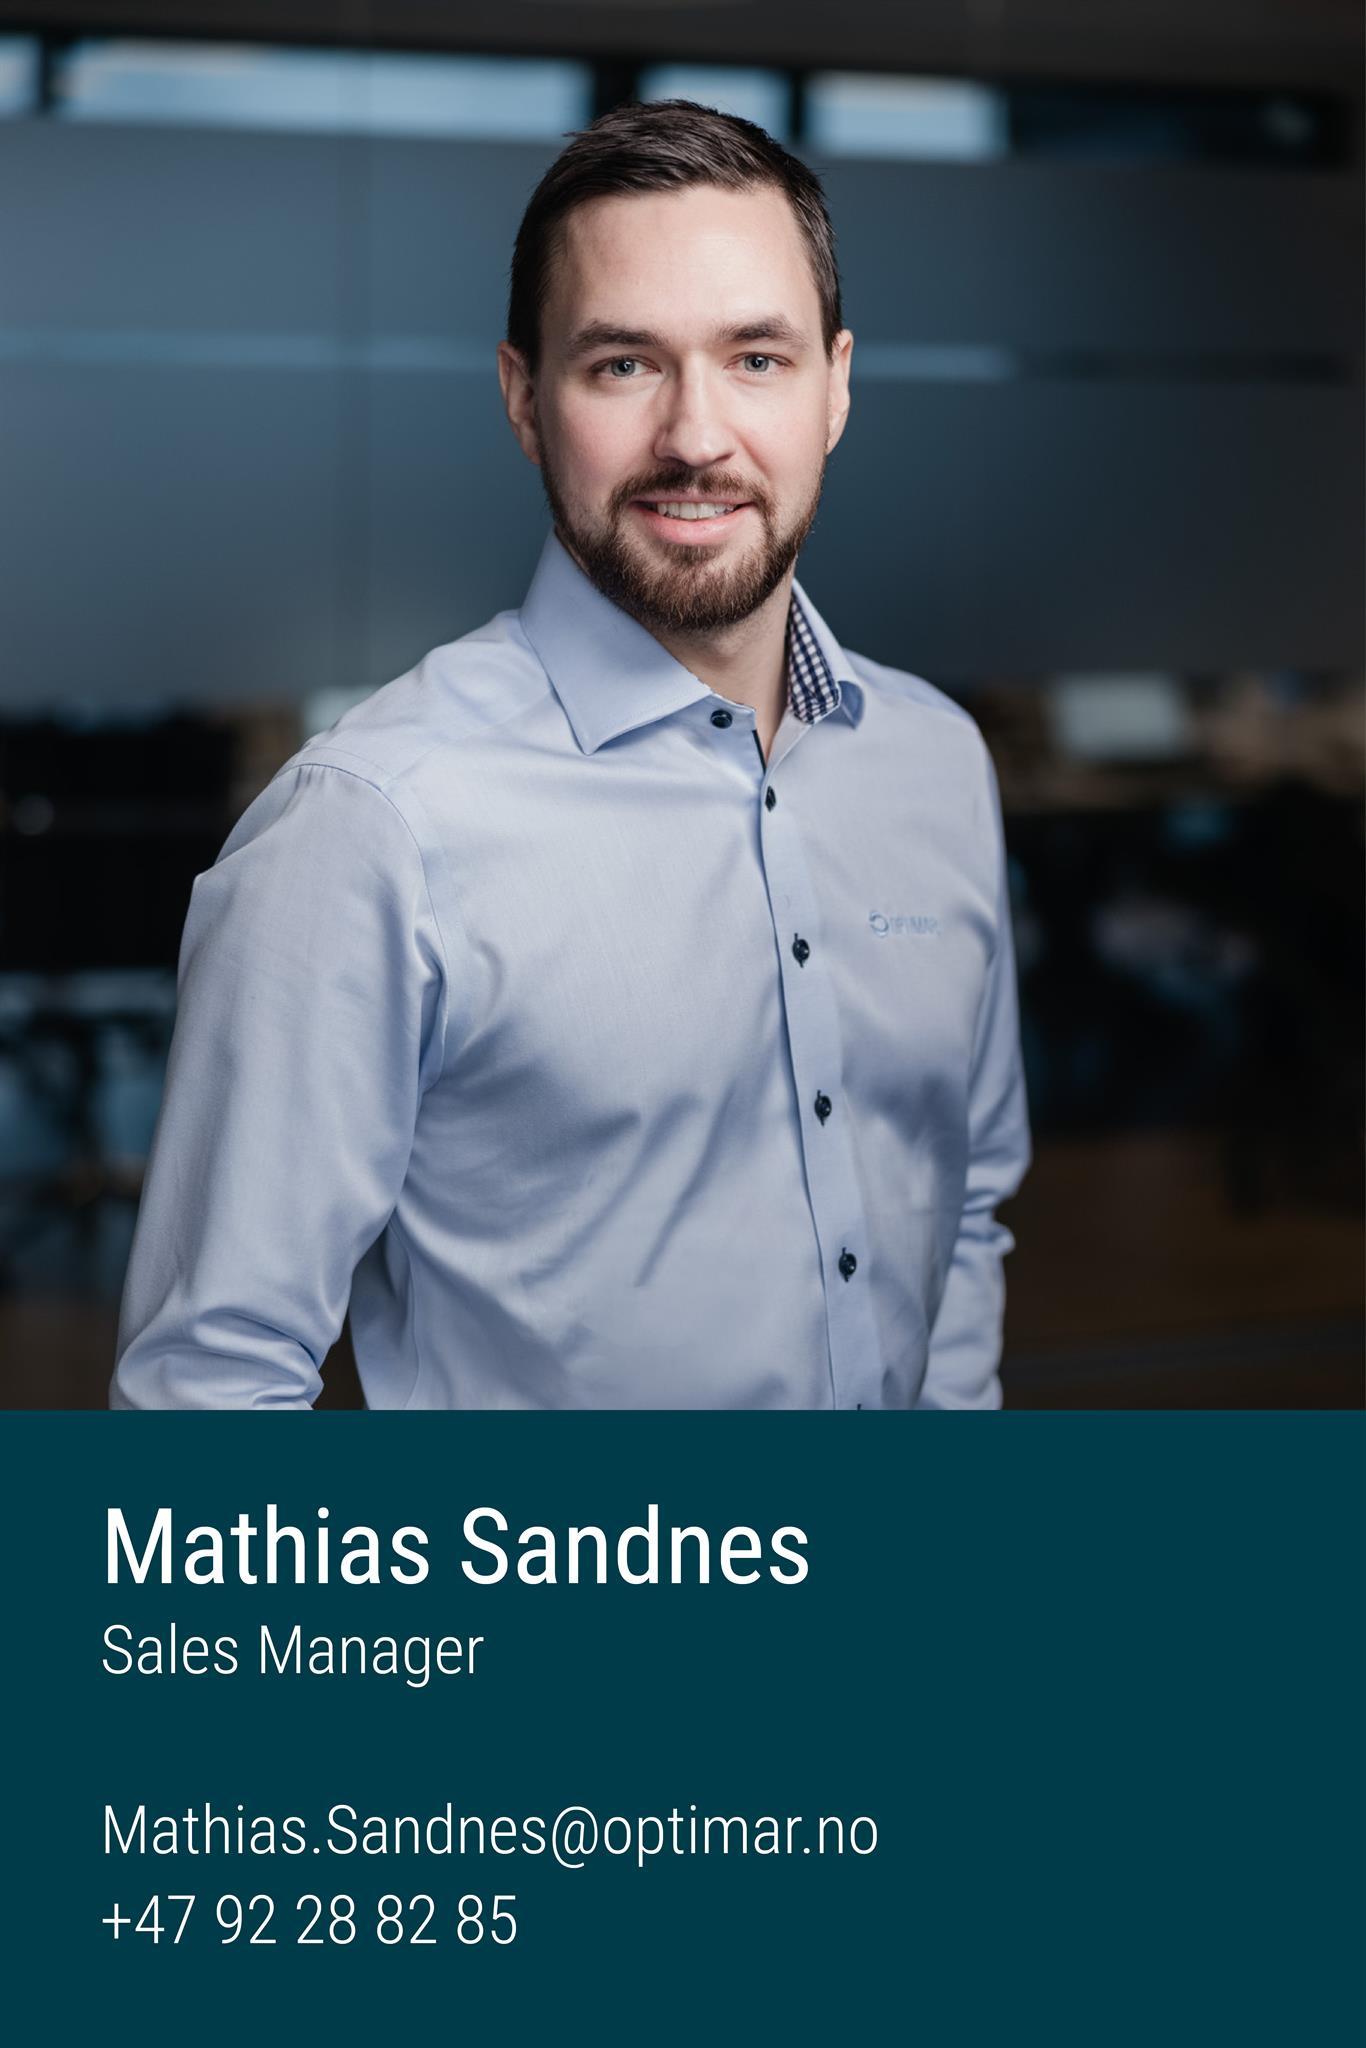 Mathias Sandnes